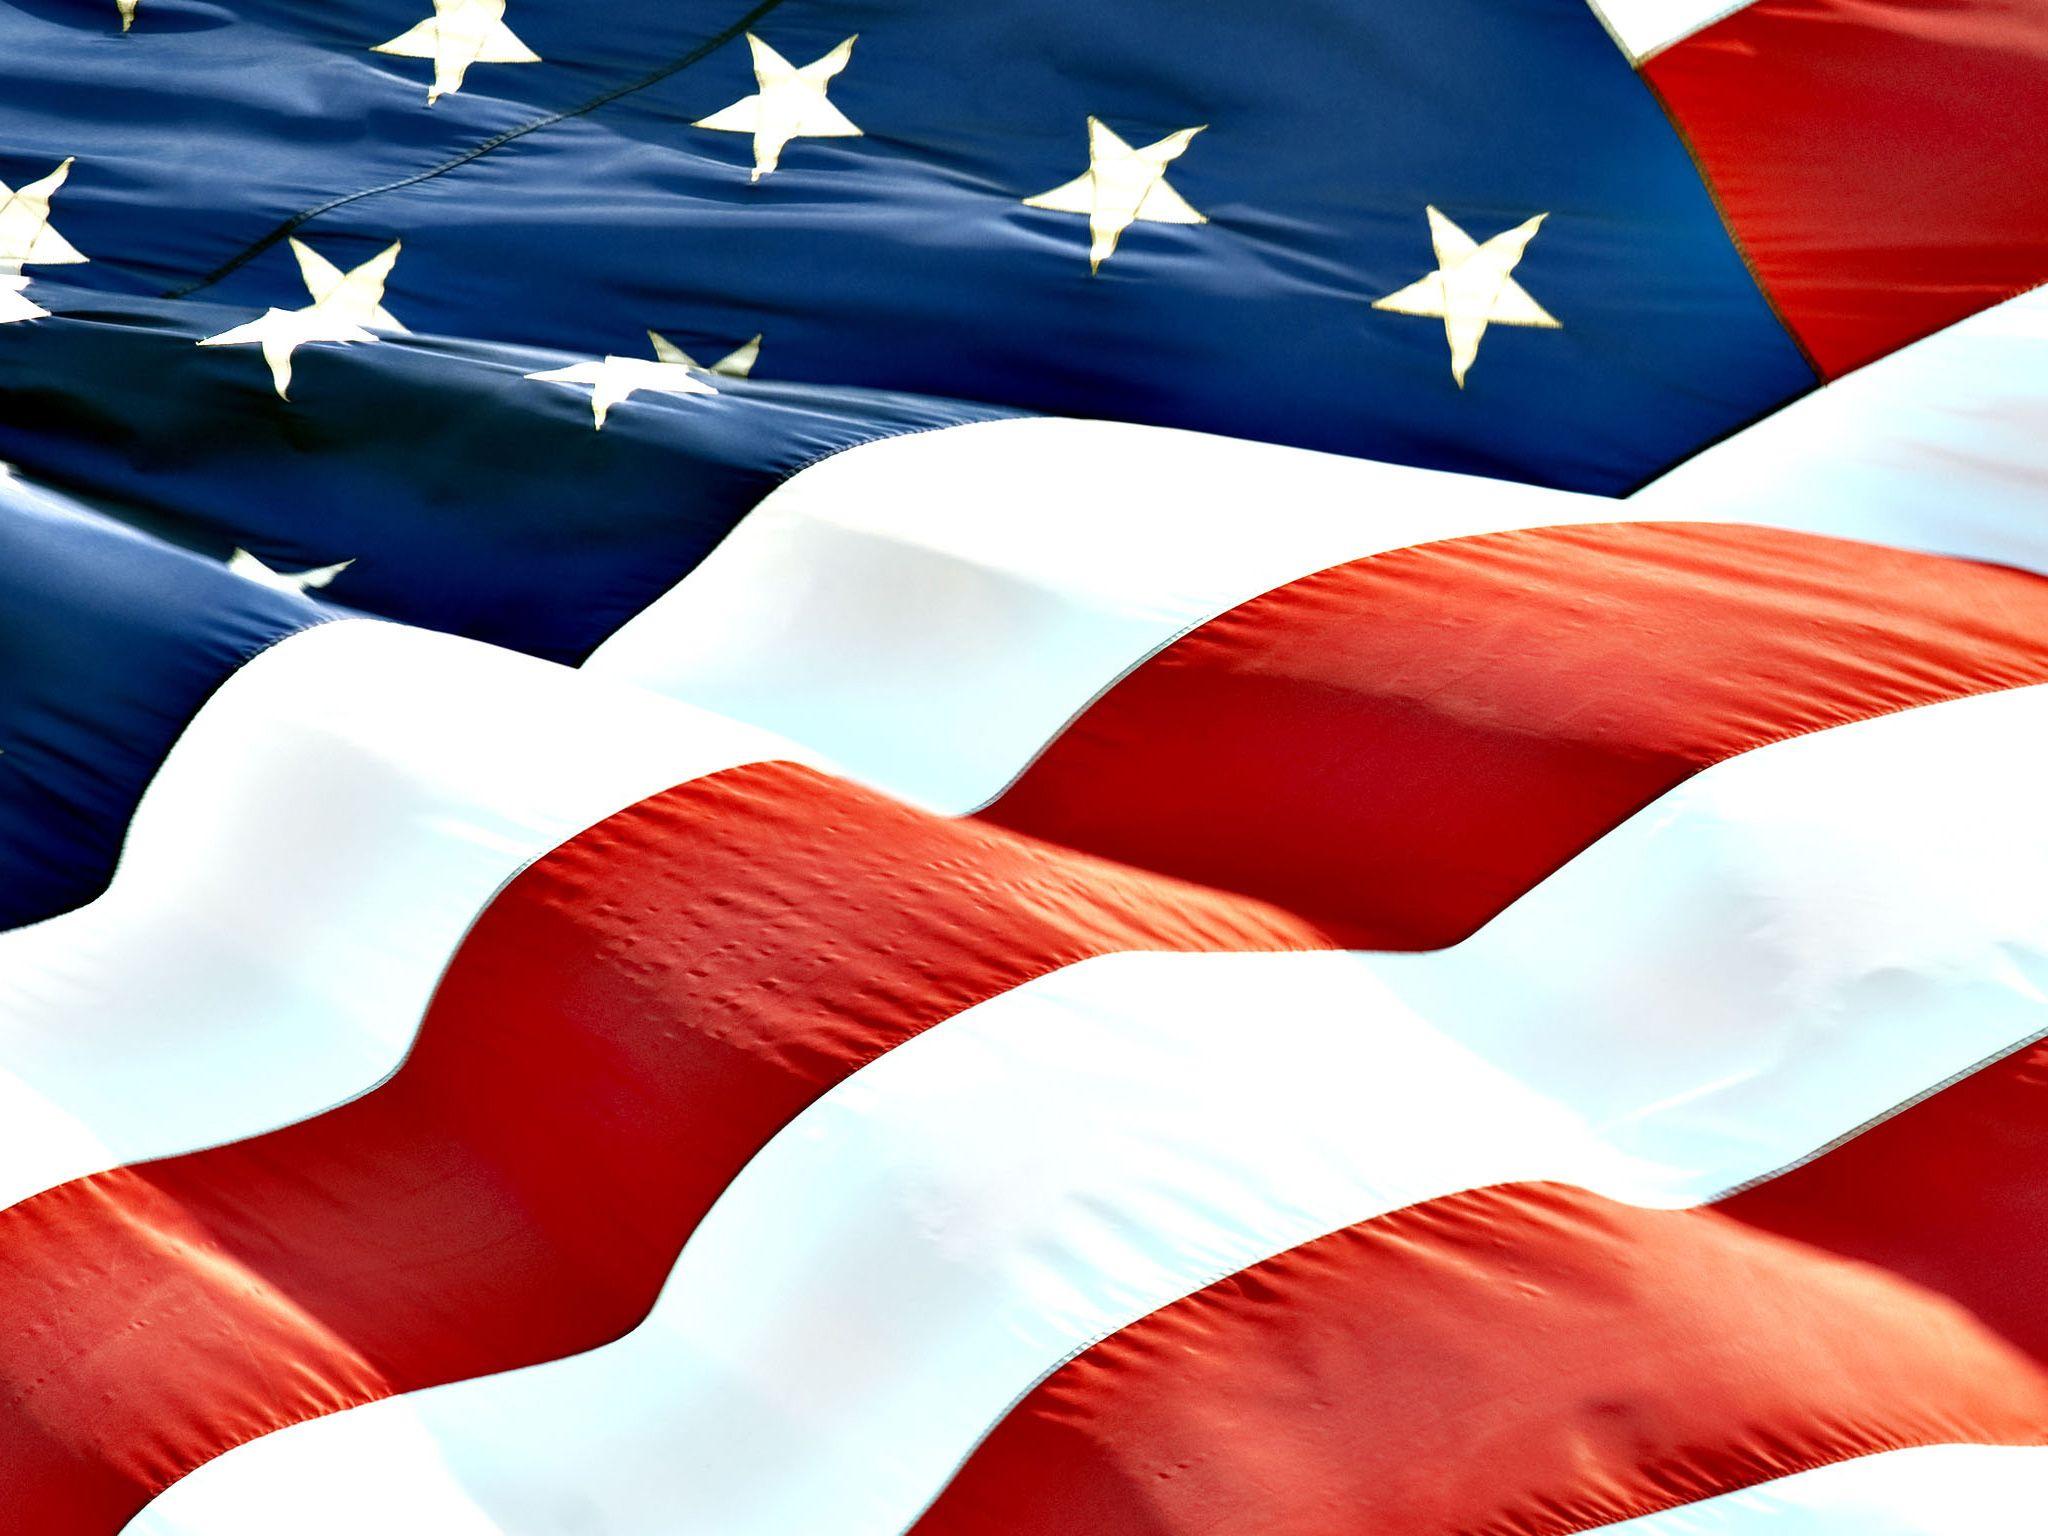 american flag wallpaper desktop 2C7 American flag